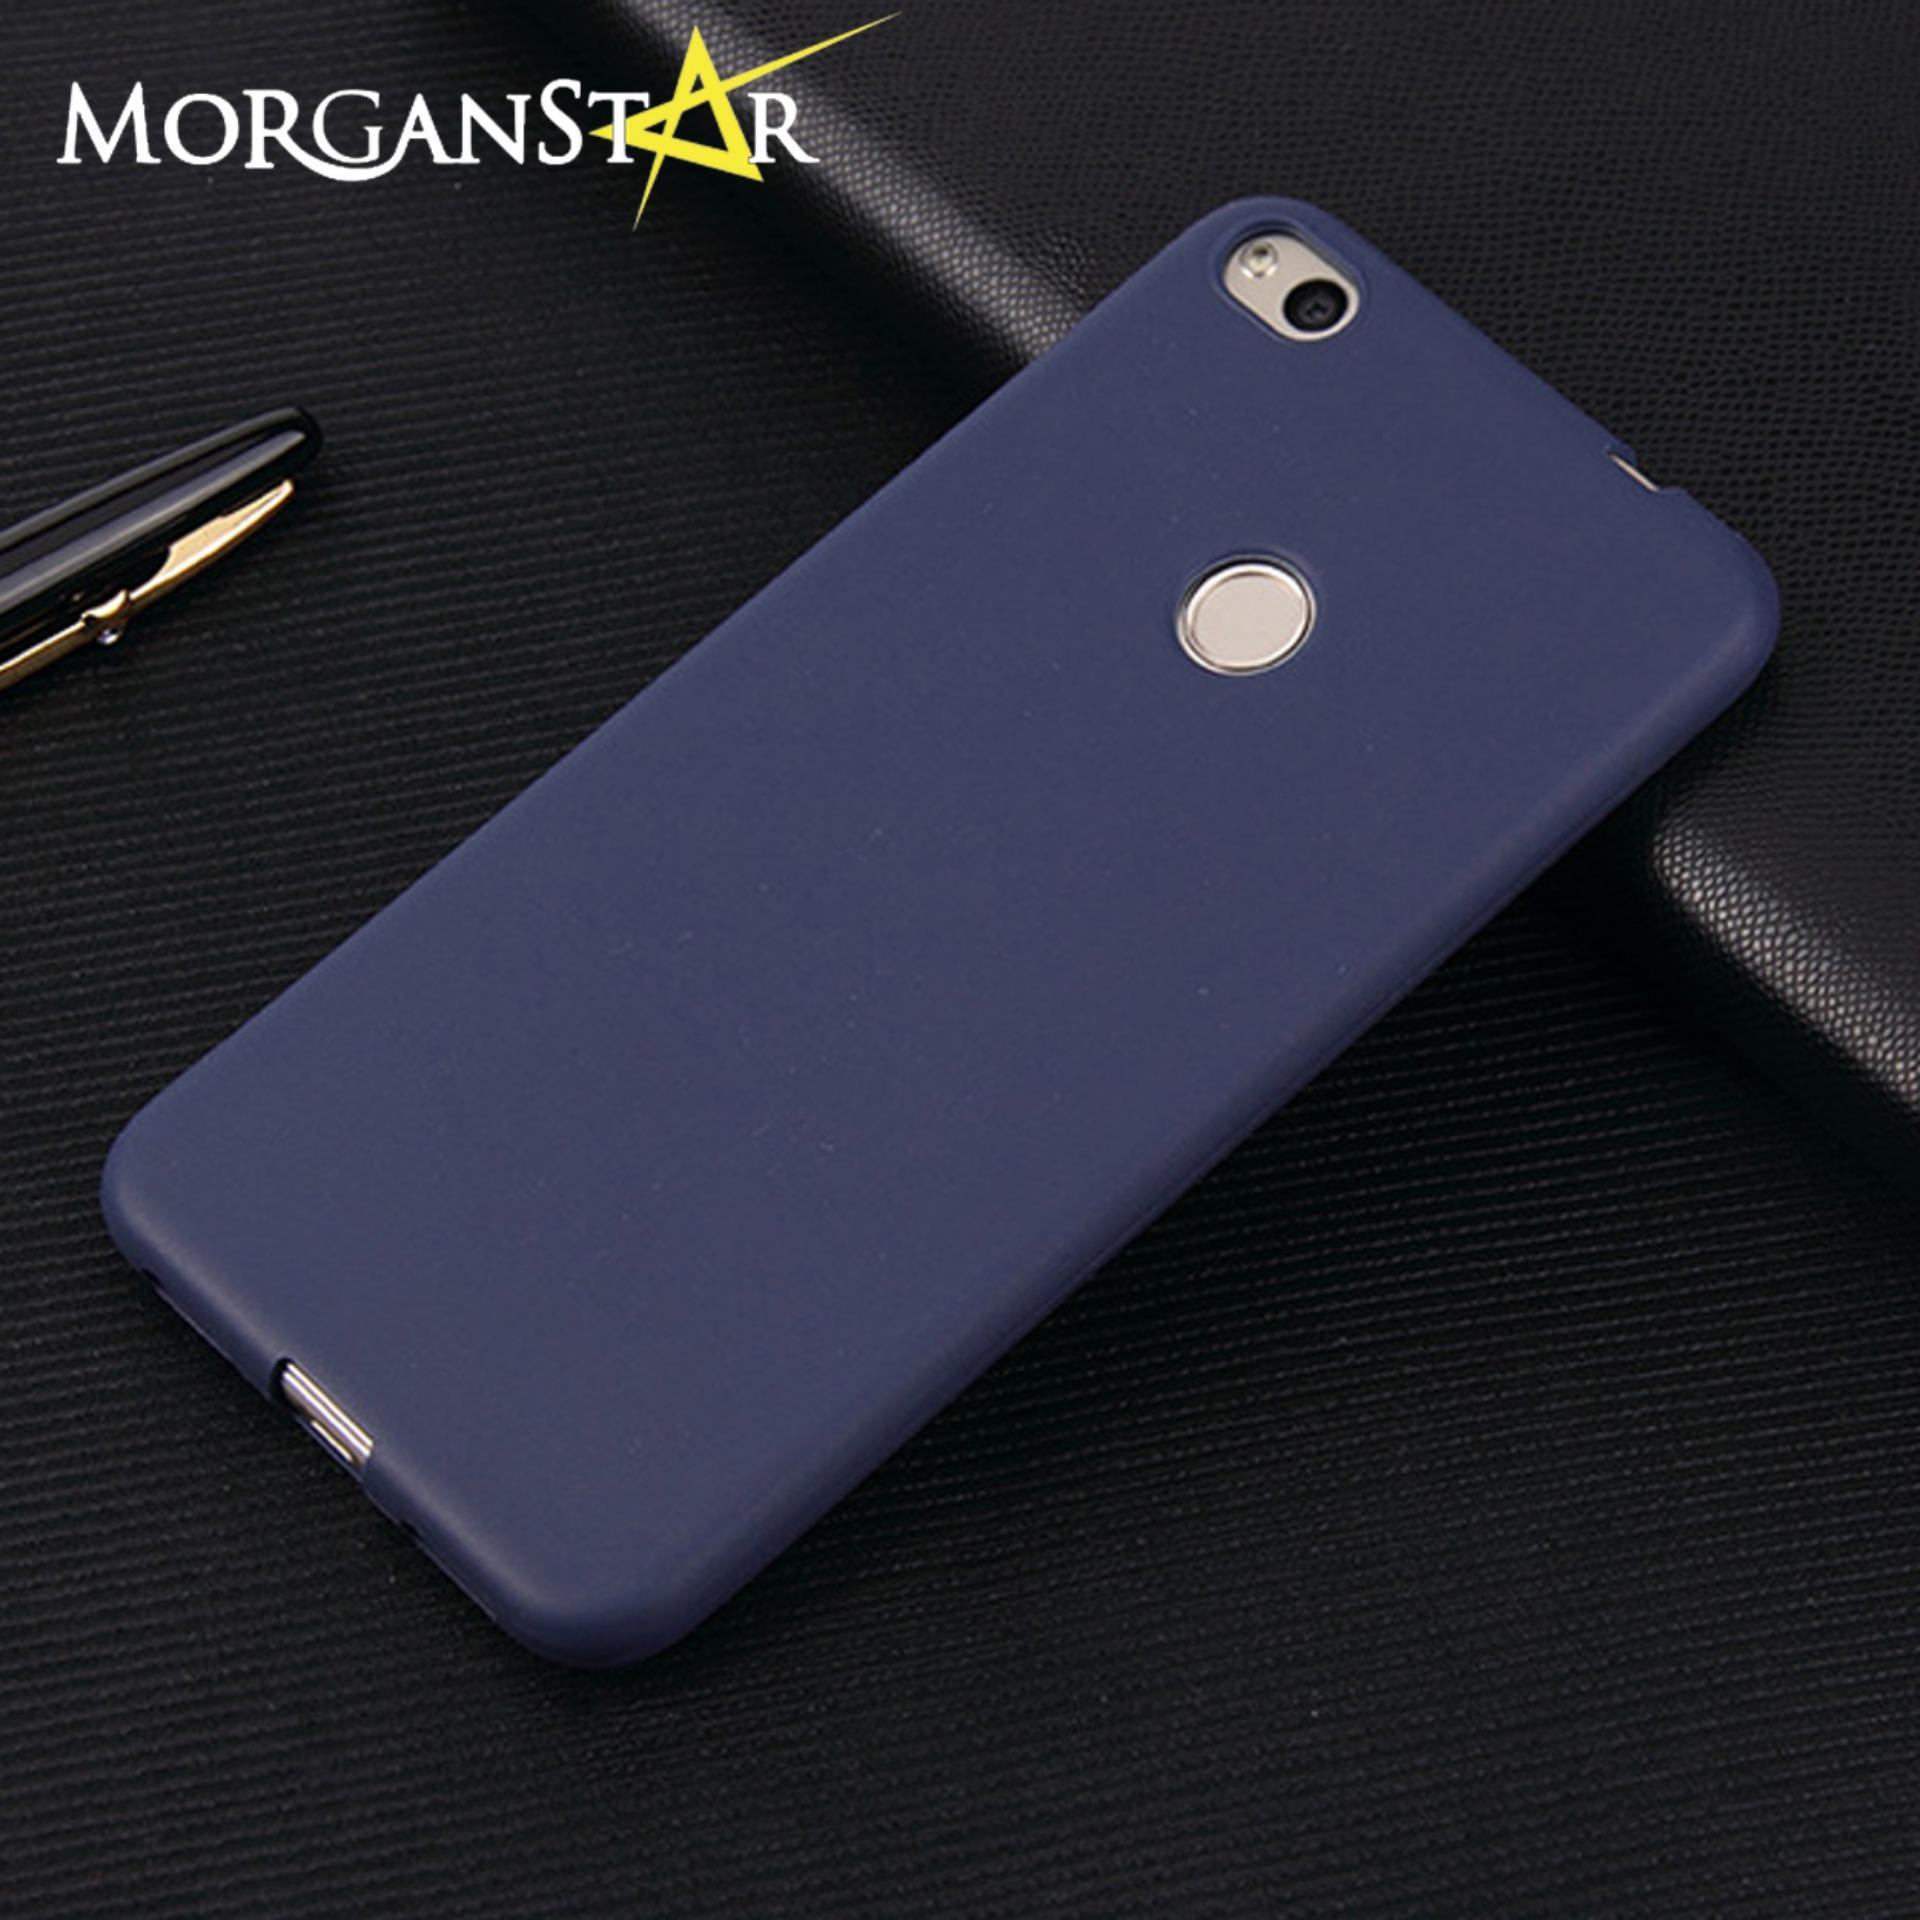 Xiaomi Redmi 4x Soft Silicone Rubber Case (Blue)